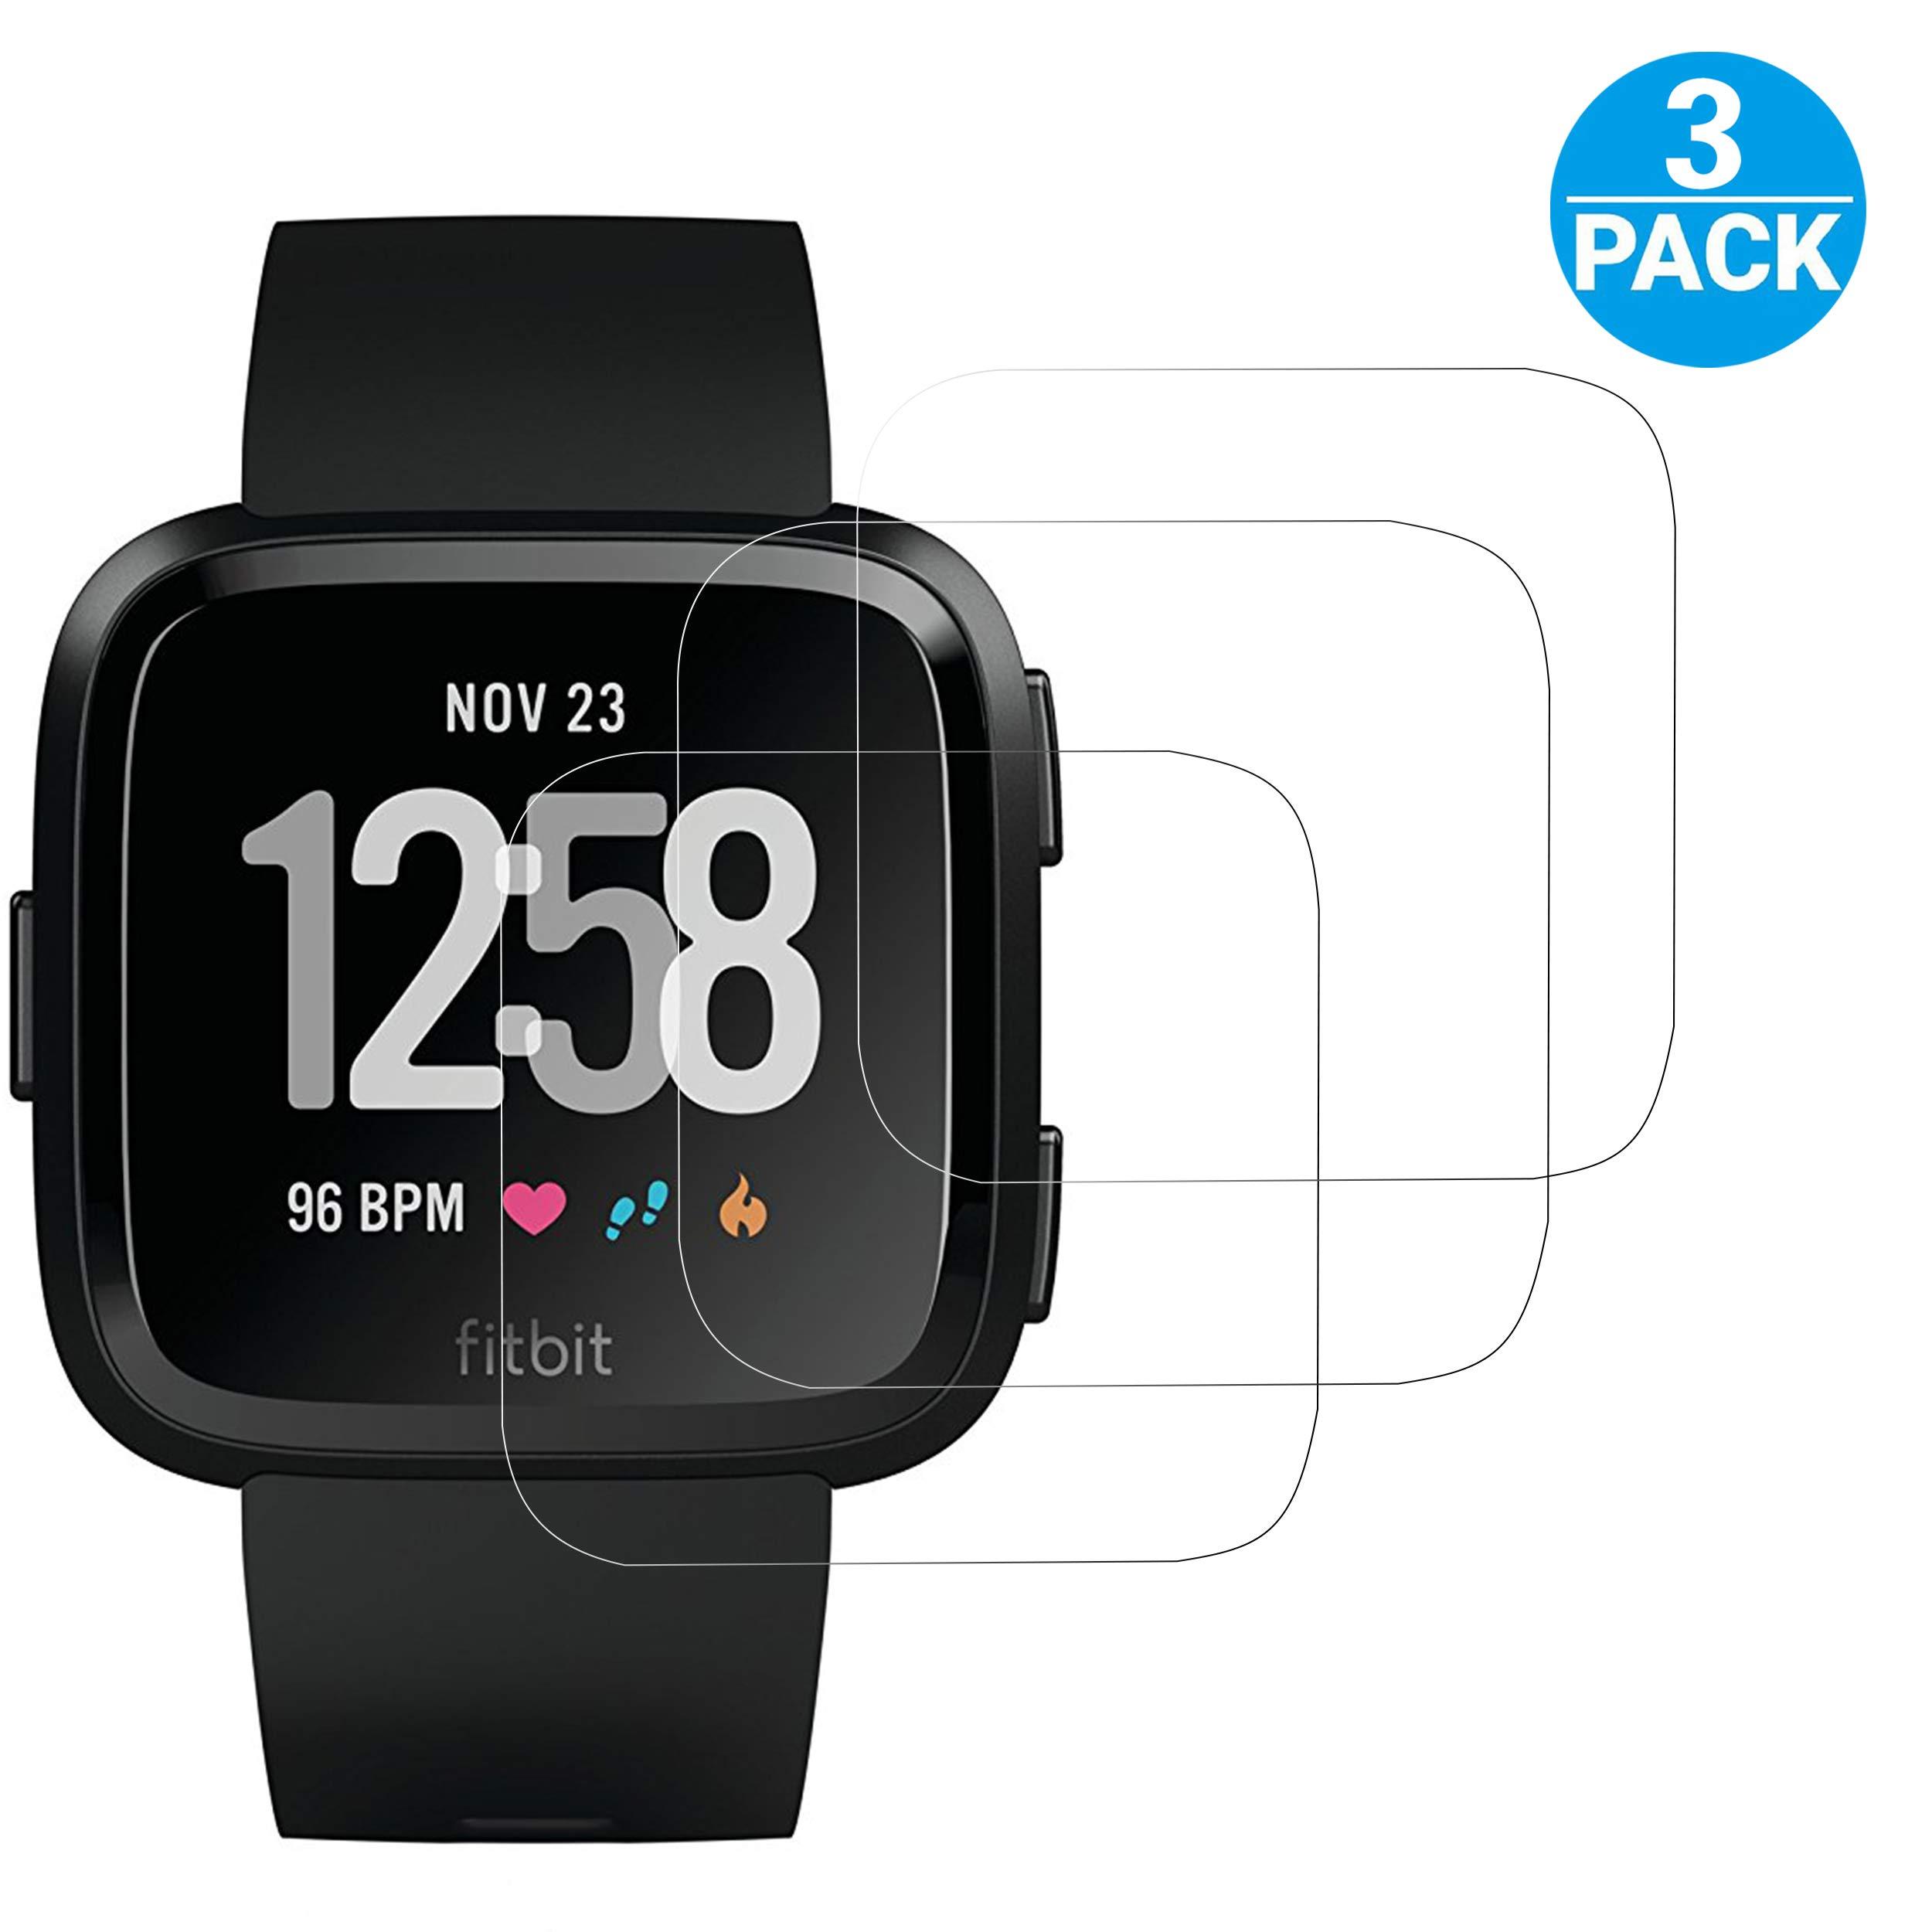 Vidrio Protector Para Fitbit Versa X3 Ailun -7g37blsg